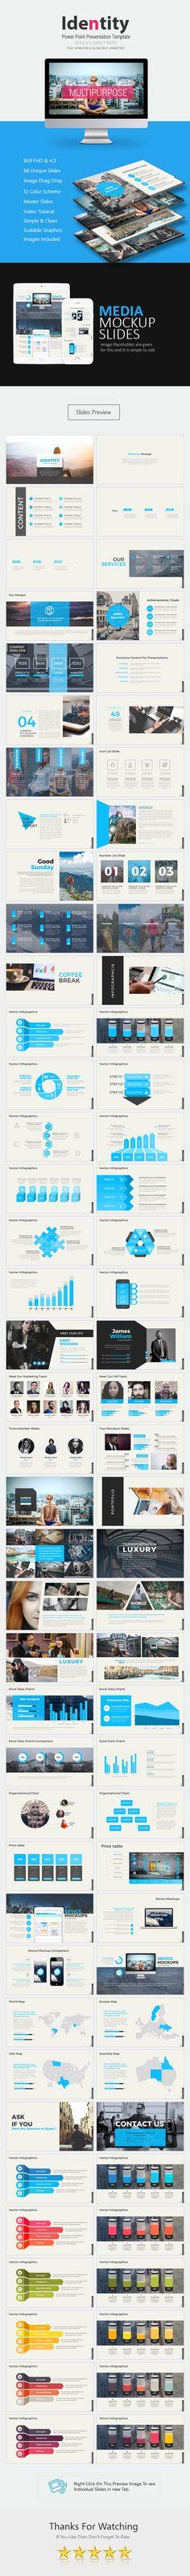 Bestseller business presentation business presentation bestseller business presentation business presentation presentation templates and powerpoint presentation templates toneelgroepblik Choice Image